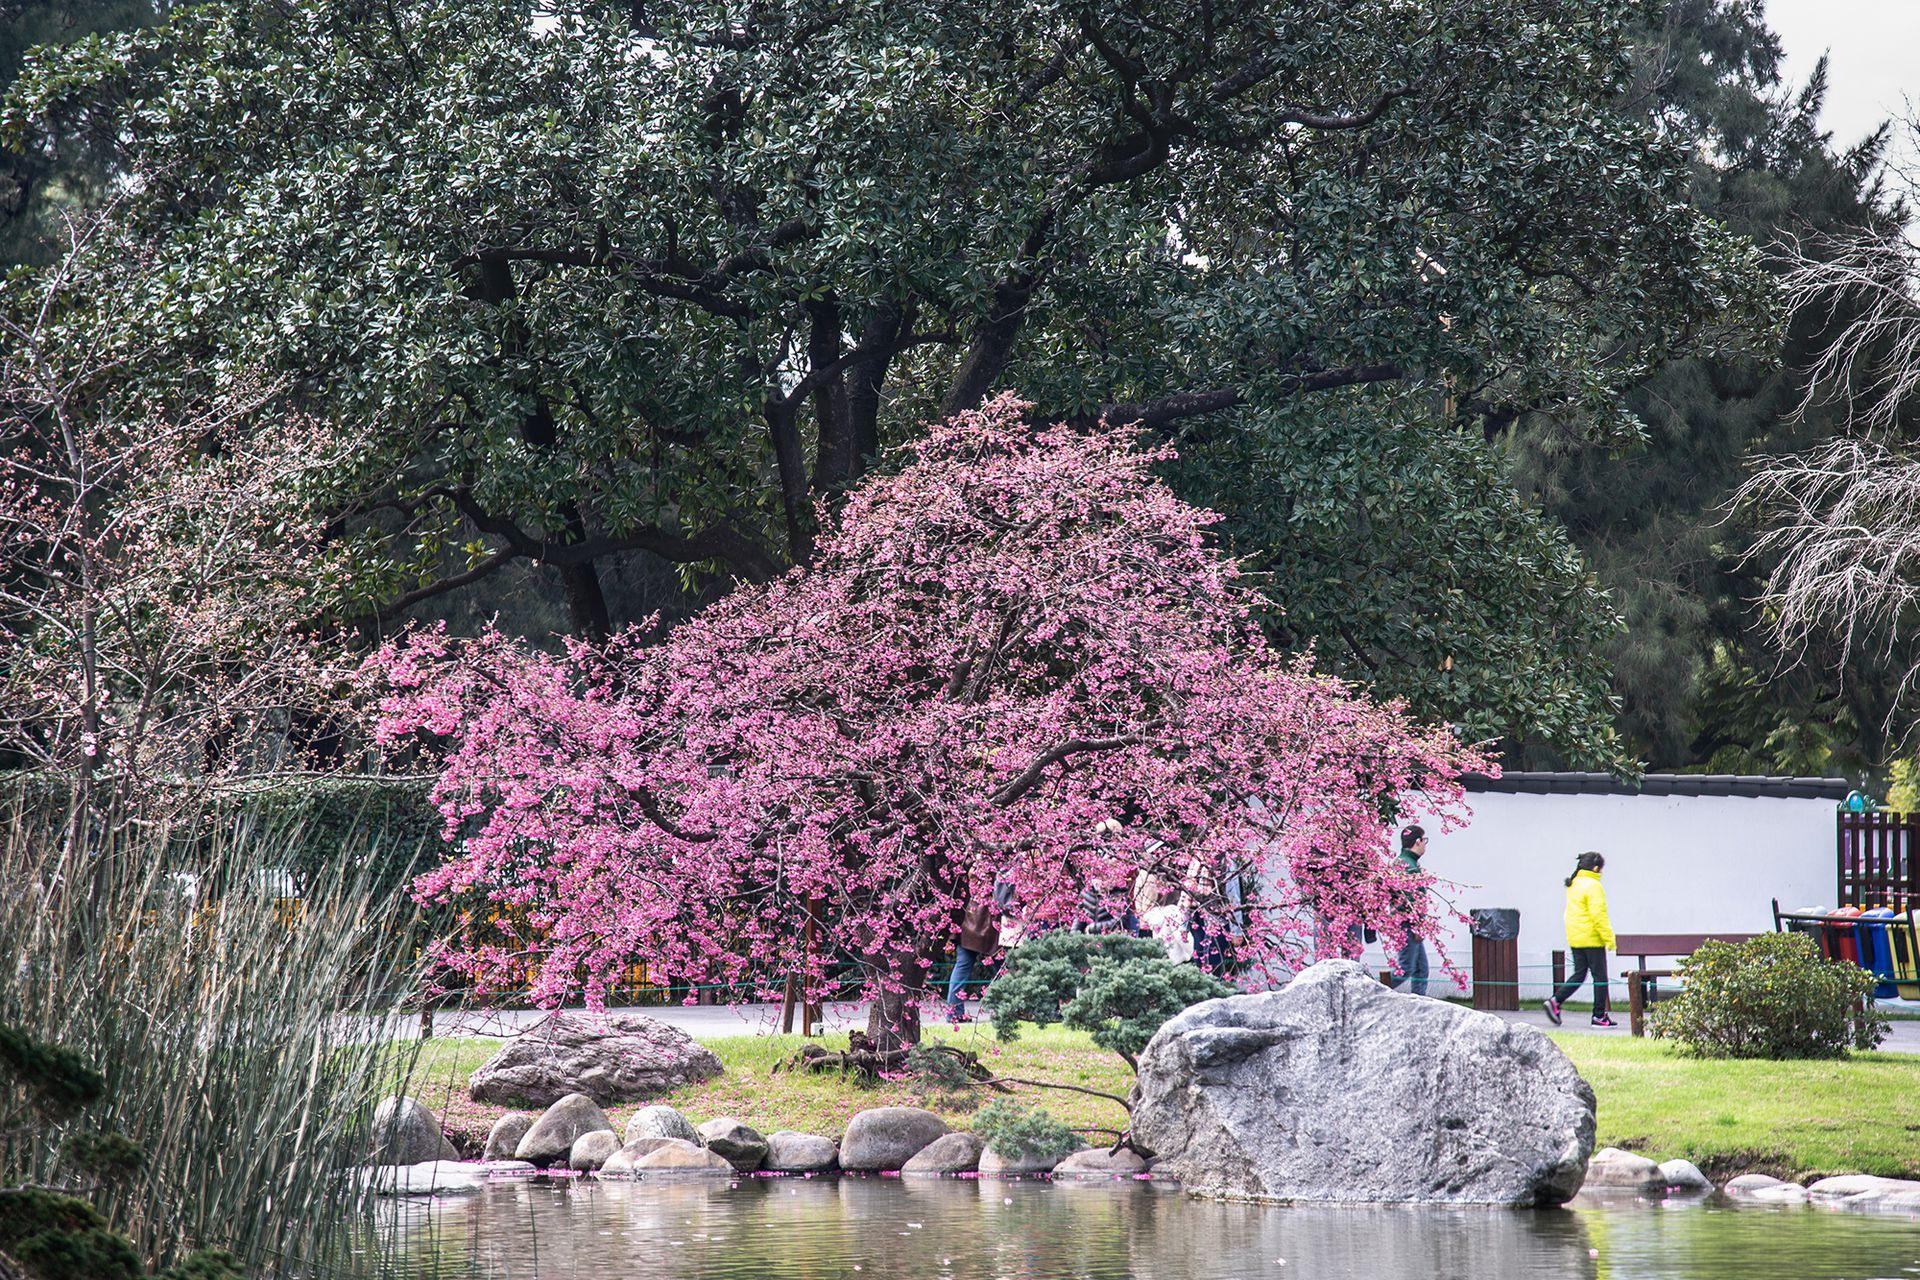 El Jardín Japonés se encuentra abierto todos los días de 10 a 18:45 y cumple con protocolos de seguridad e higiene. Hay cuatro turnos de visita y la entrada se adquiere en la boletería del Jardín el mismo día de la visita o a través de www.shop.jardinjapones.org.ar. La entrada general cuesta $290. Los menores de 12 años y mayores de 65 años ingresan sin cargo, presentando el DNI en la boletería.